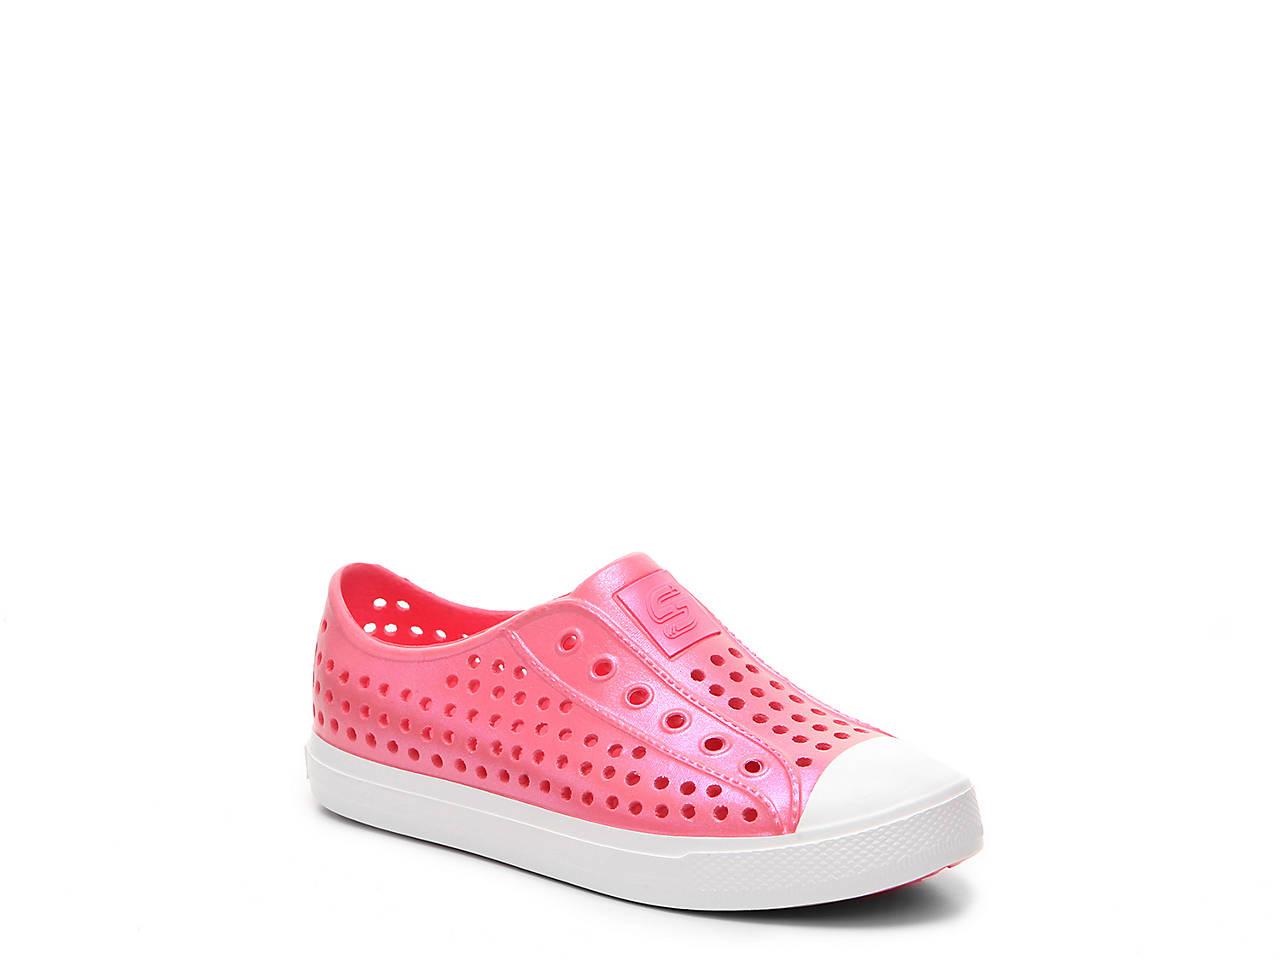 Skechers Guzman Slip On Sneaker Kids' Kids Shoes DSW  DSW